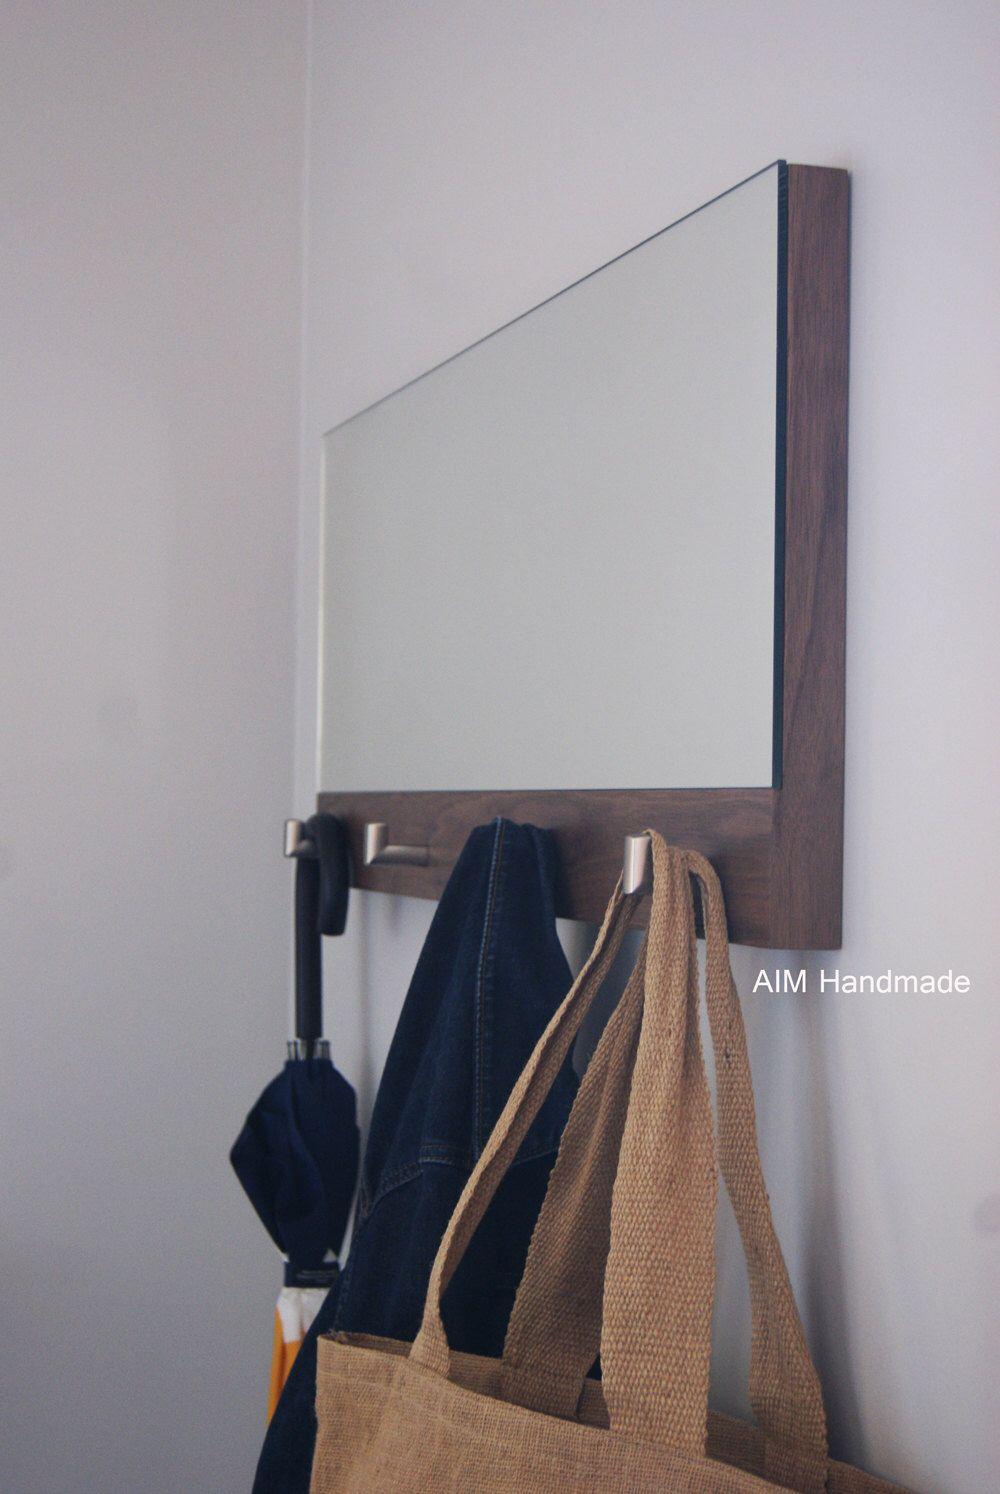 Coat Rack Mirror Walnut Hallway Mirror Entrance Way Mirror Bathroom Mirror Bedroom Mirror With Metal Hooks Handmade In Bc Canada Hallway Coat Rack Horizontal Mirrors Hallway Mirror